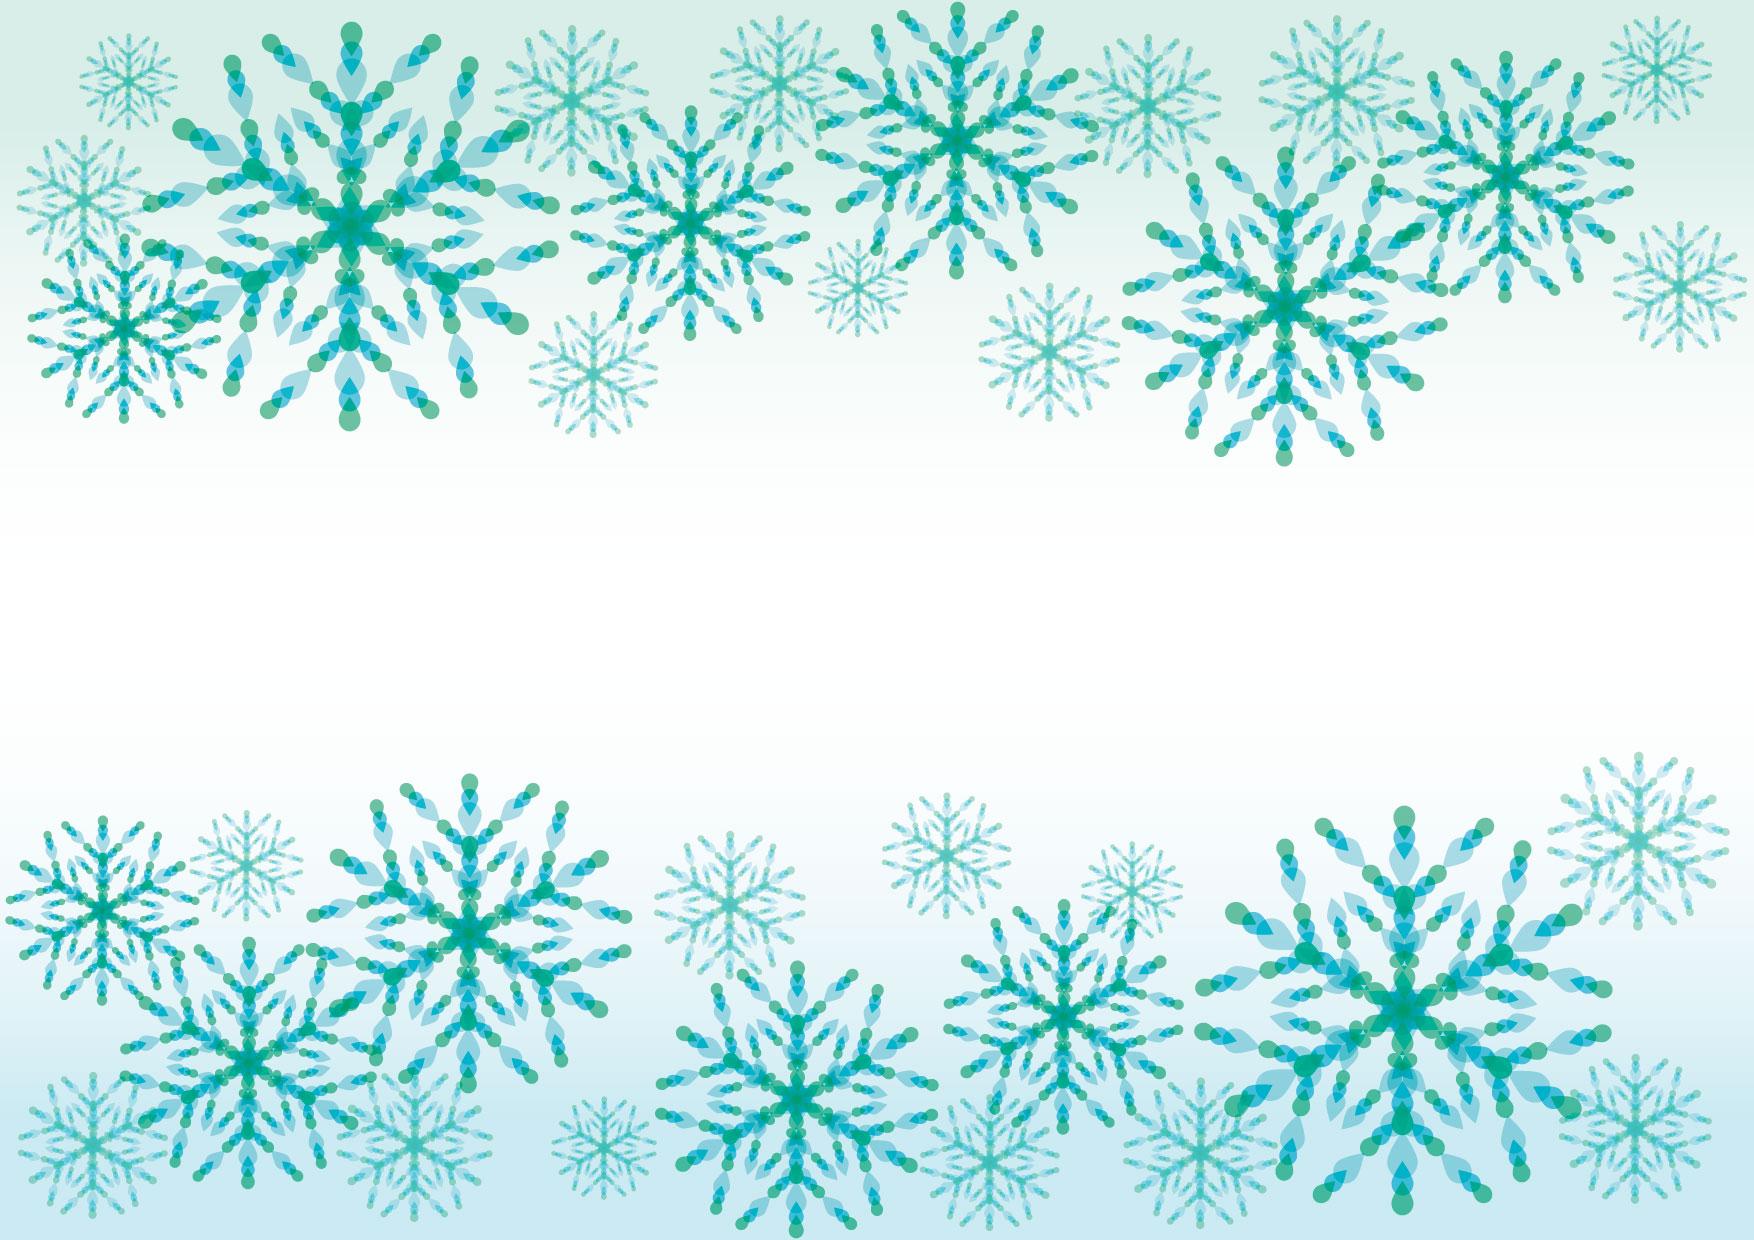 雪の結晶 青 背景 イラスト 無料 | イラストダウンロード